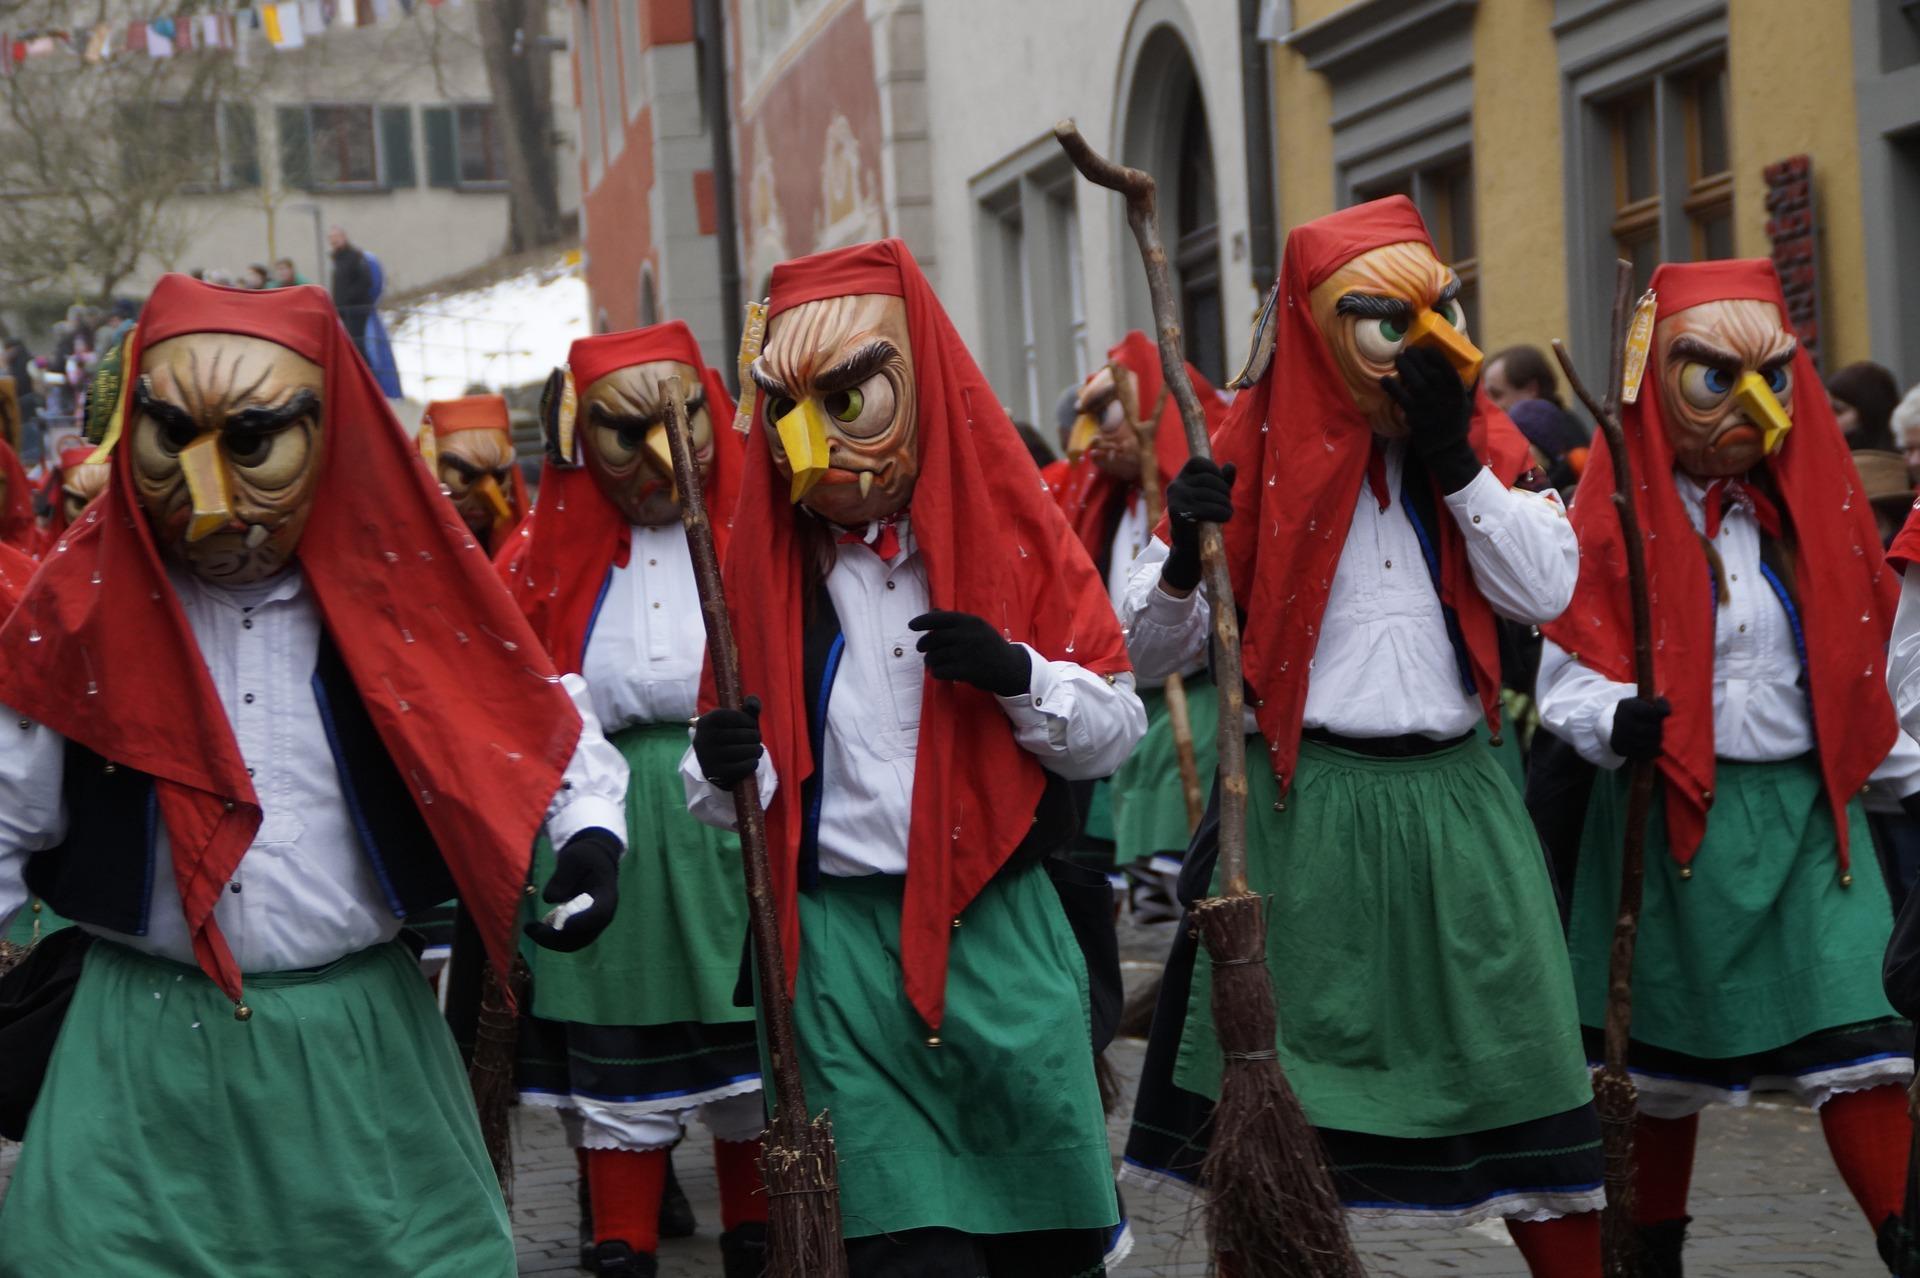 Carnaval de Münster